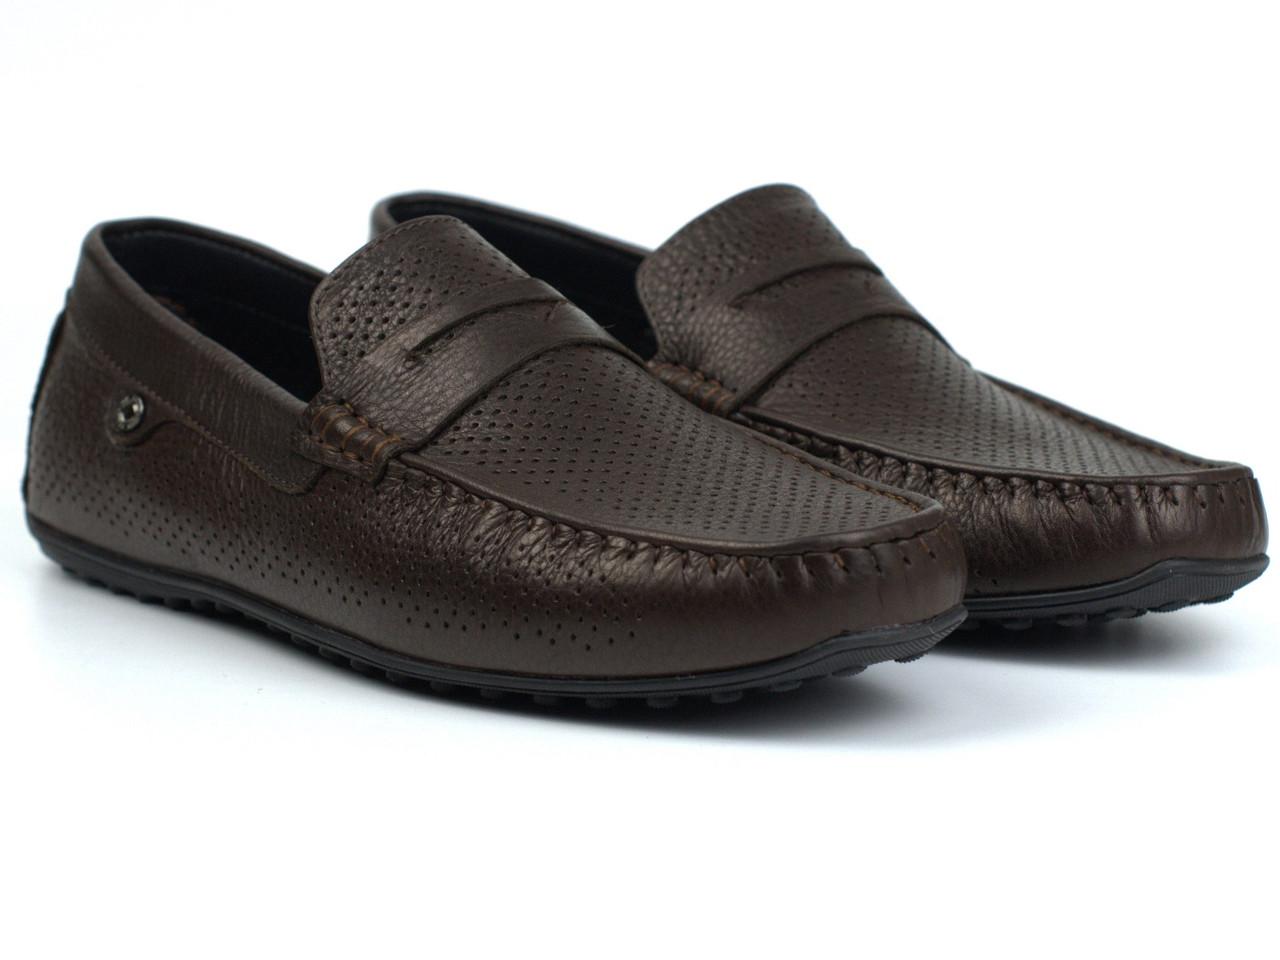 Мокасины мужские коричневые кожаные перфорация летняя обувь больших размеров ETHEREAL BS ChelseaBrownPerfLeath